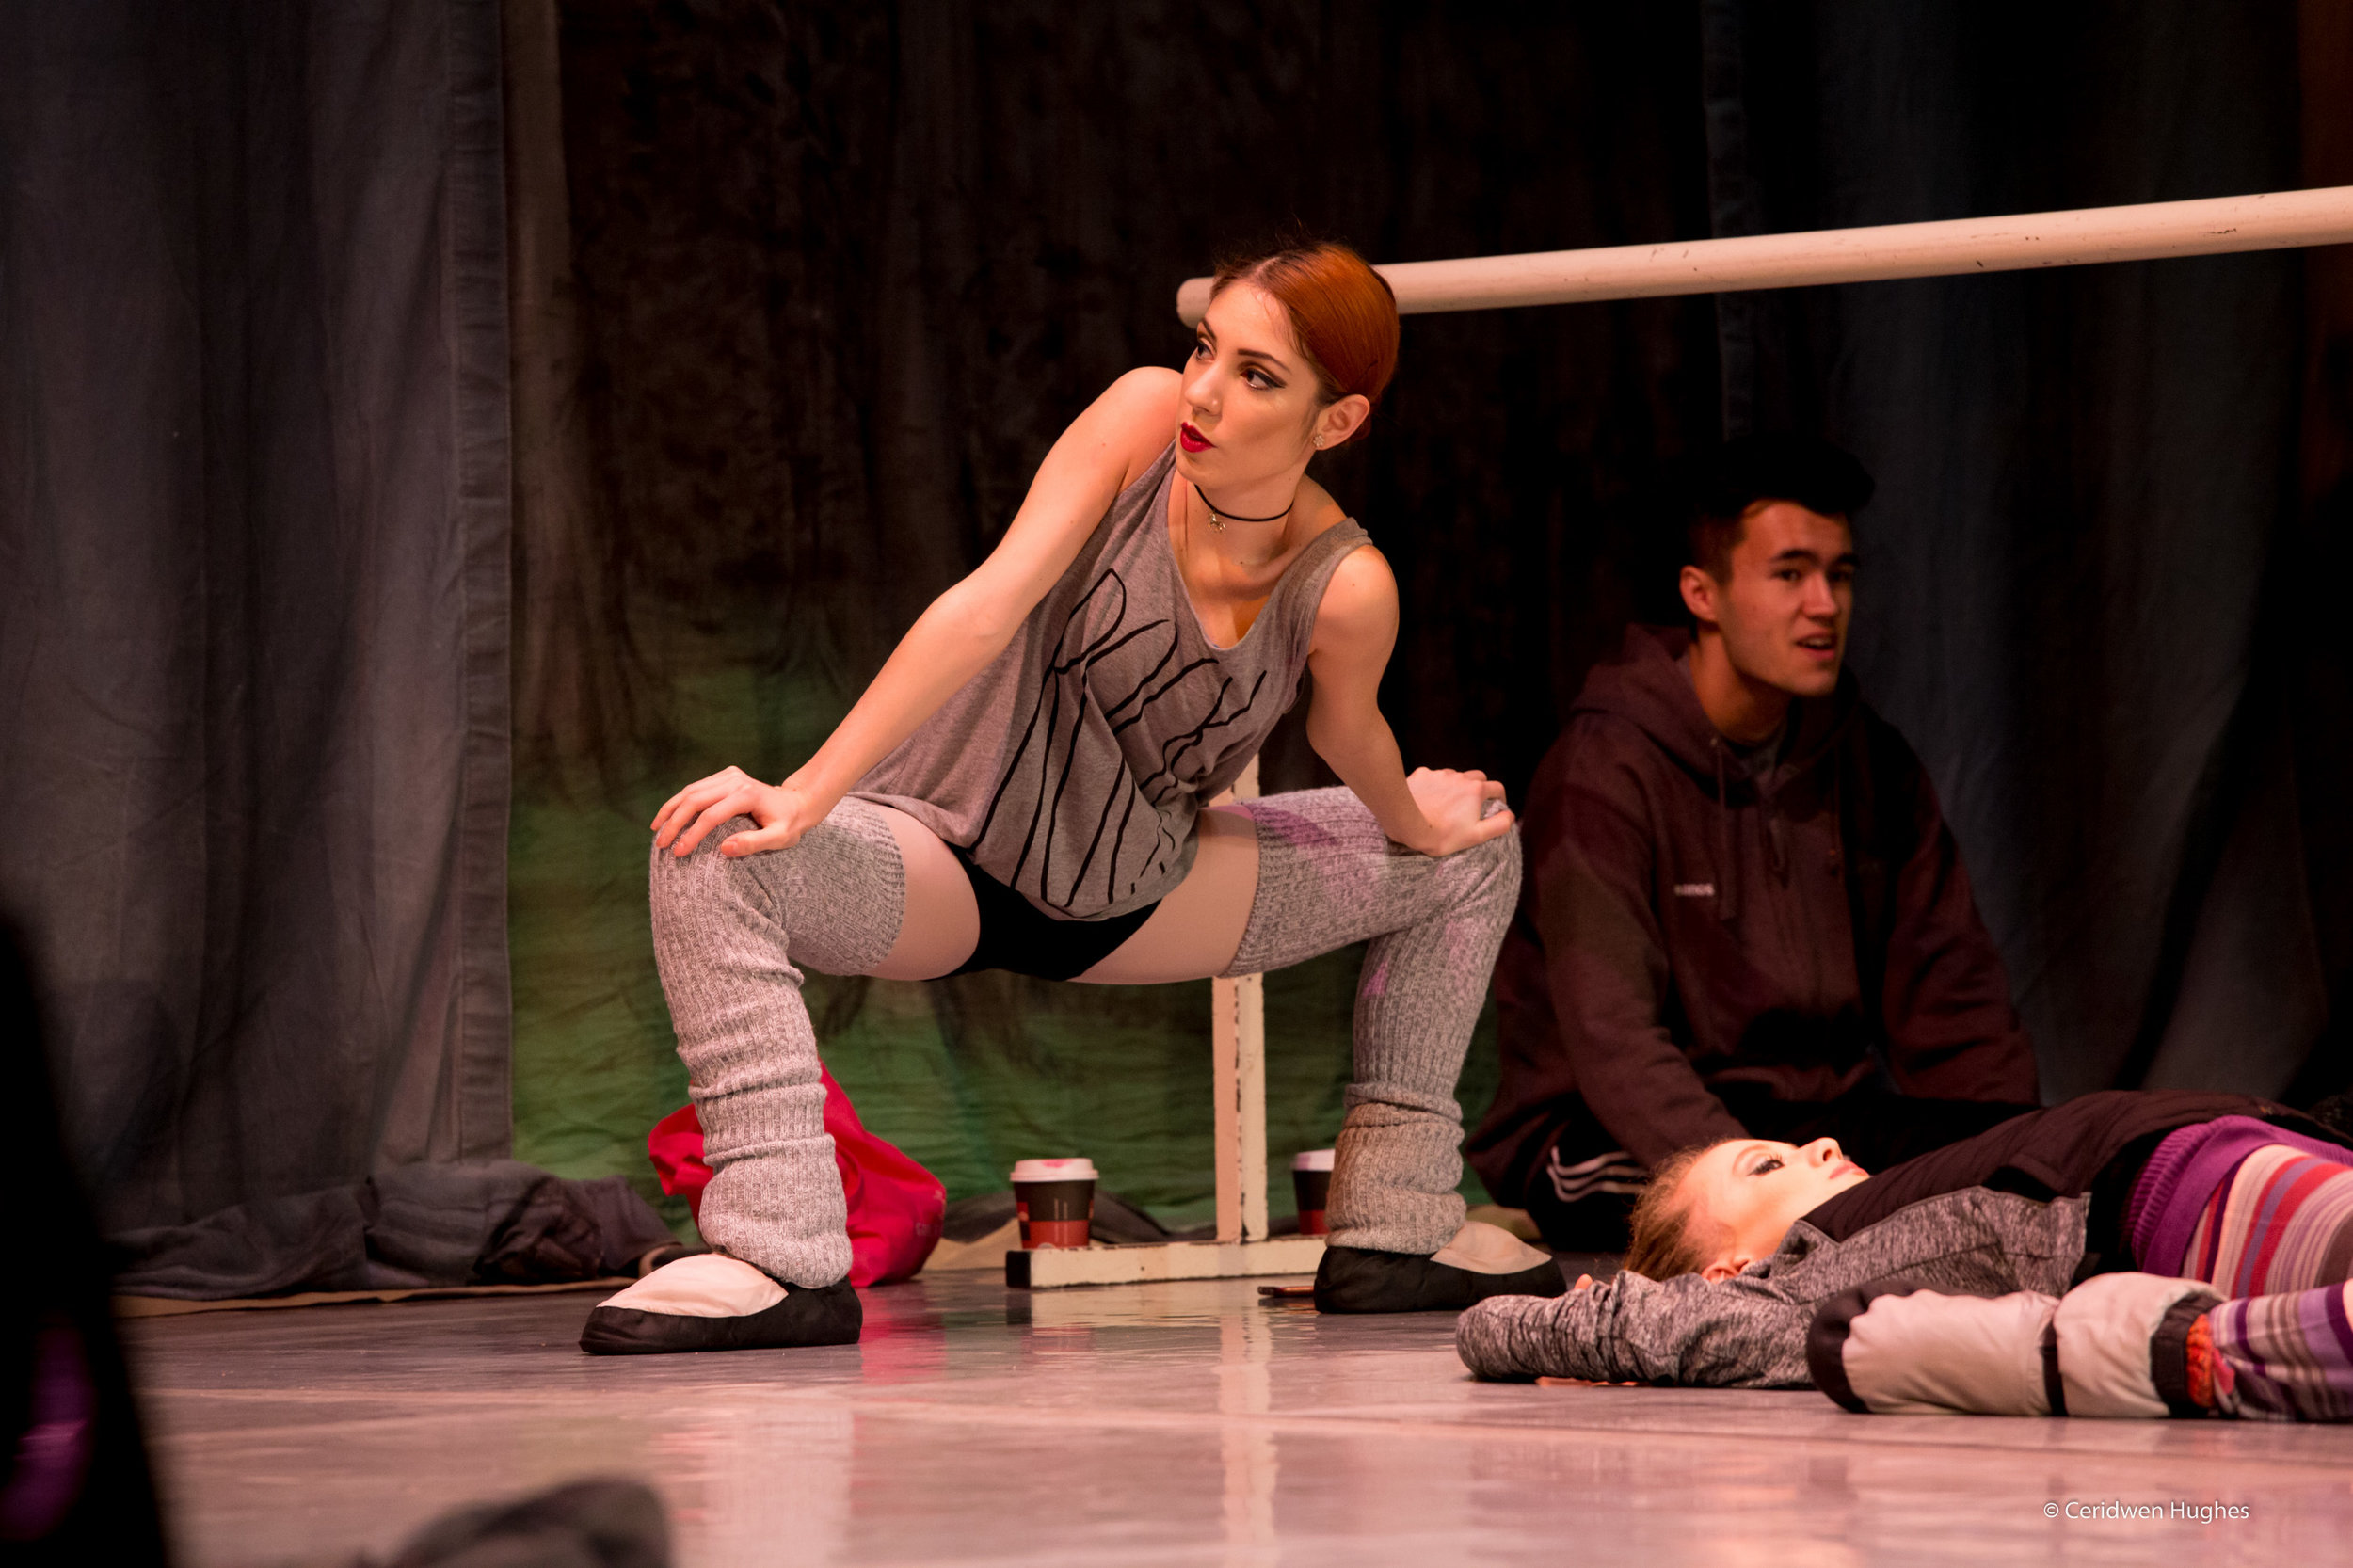 Ballet - cinderella-006.jpg